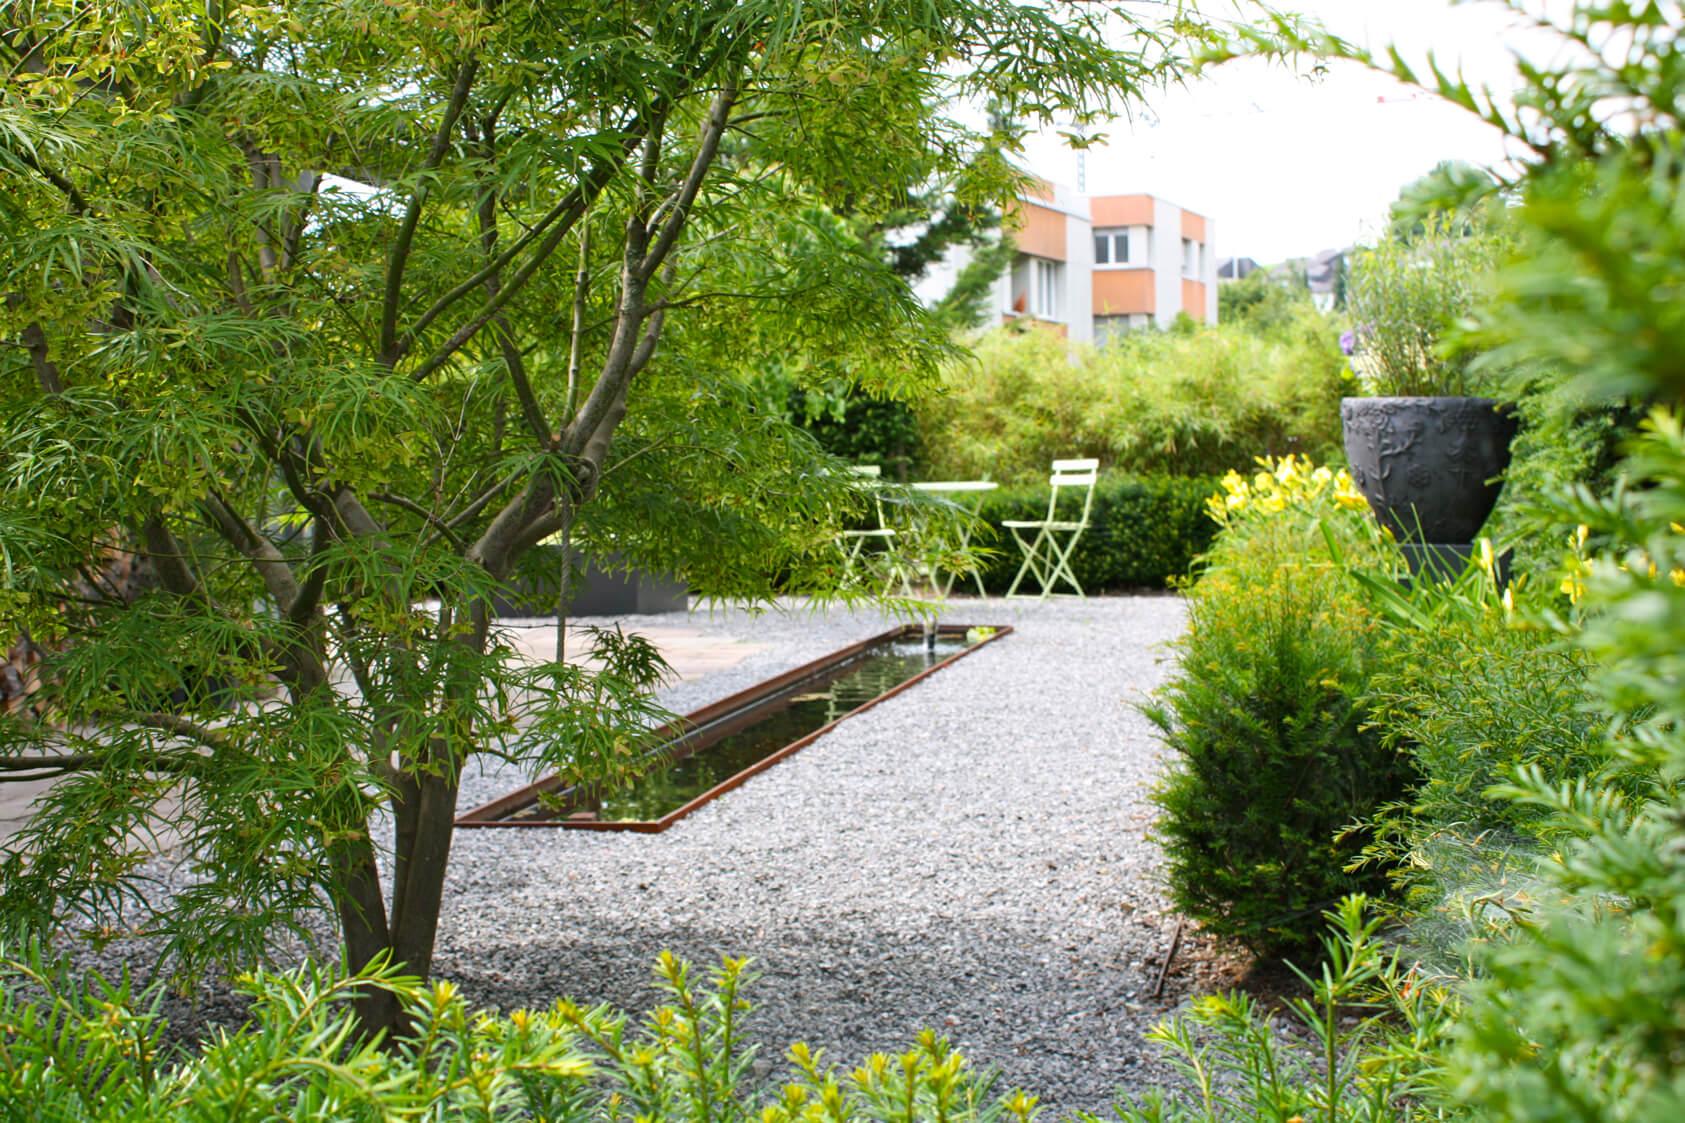 Ein Pflegeleichter Garten : Pflegeleichter Garten mit Brunnen Zürich  Gartengestaltung